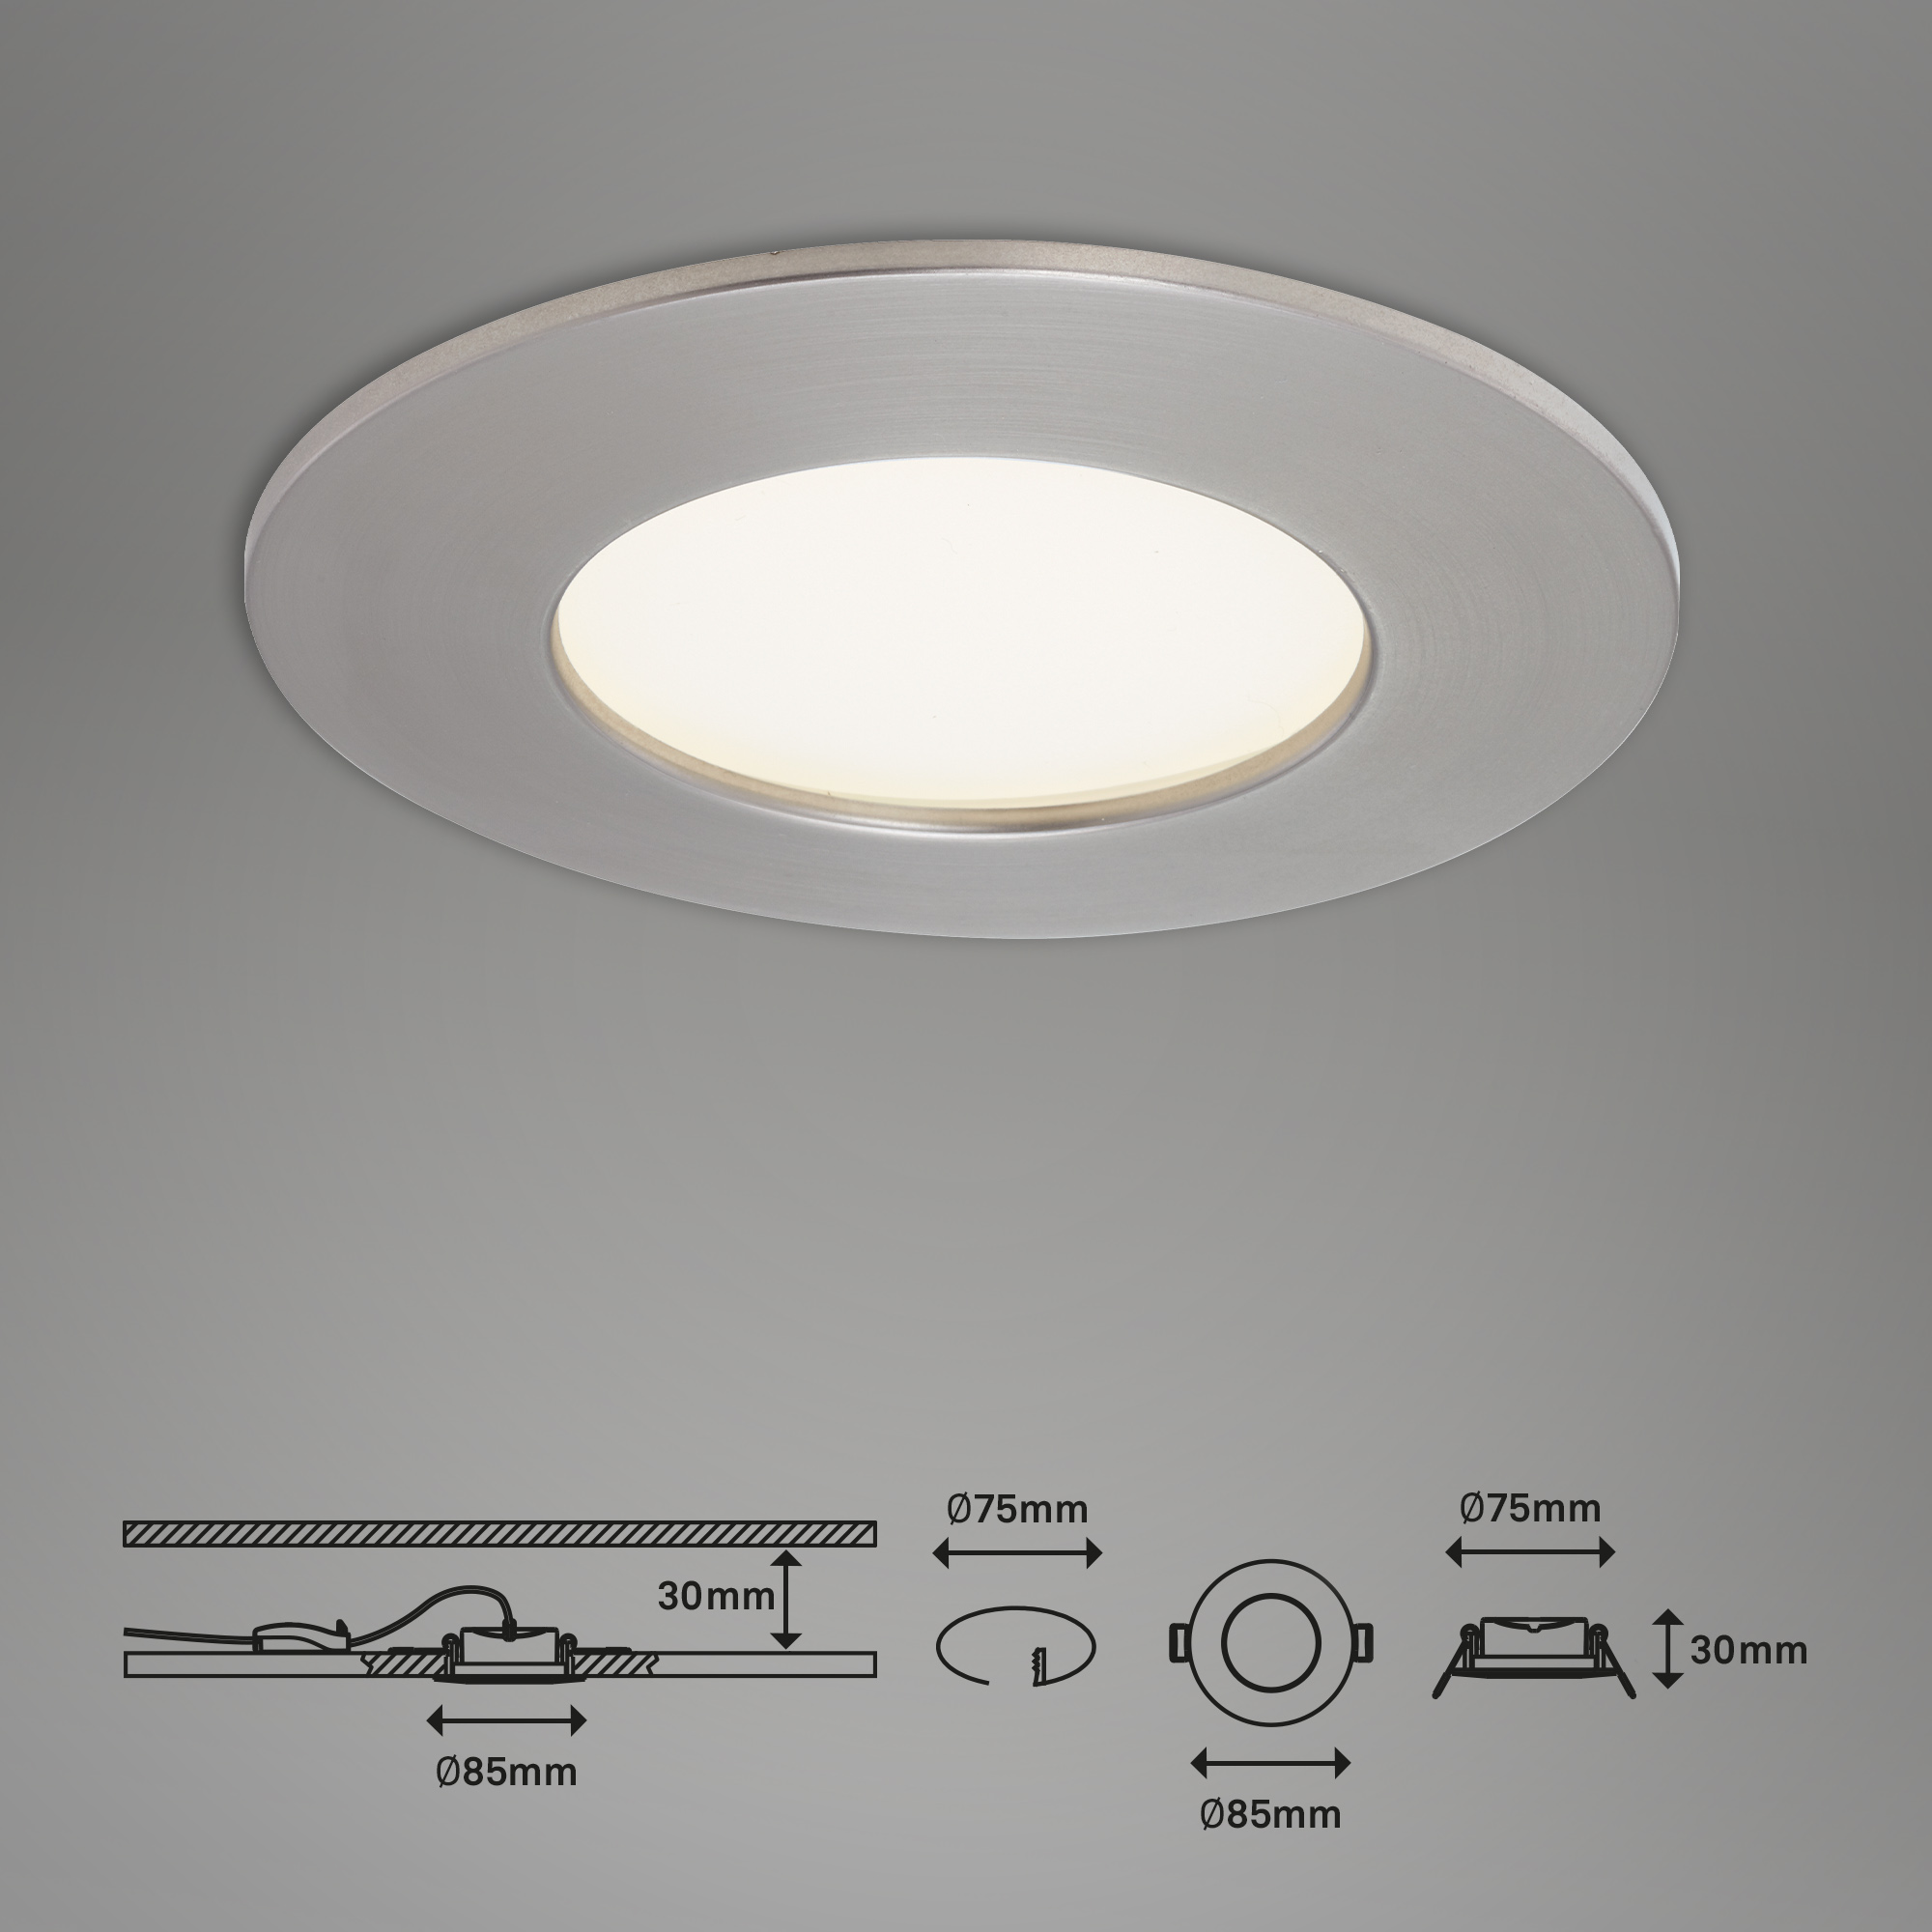 LED Einbauleuchte, Ø 8,5 cm, 4,8 W, Matt-Nickel